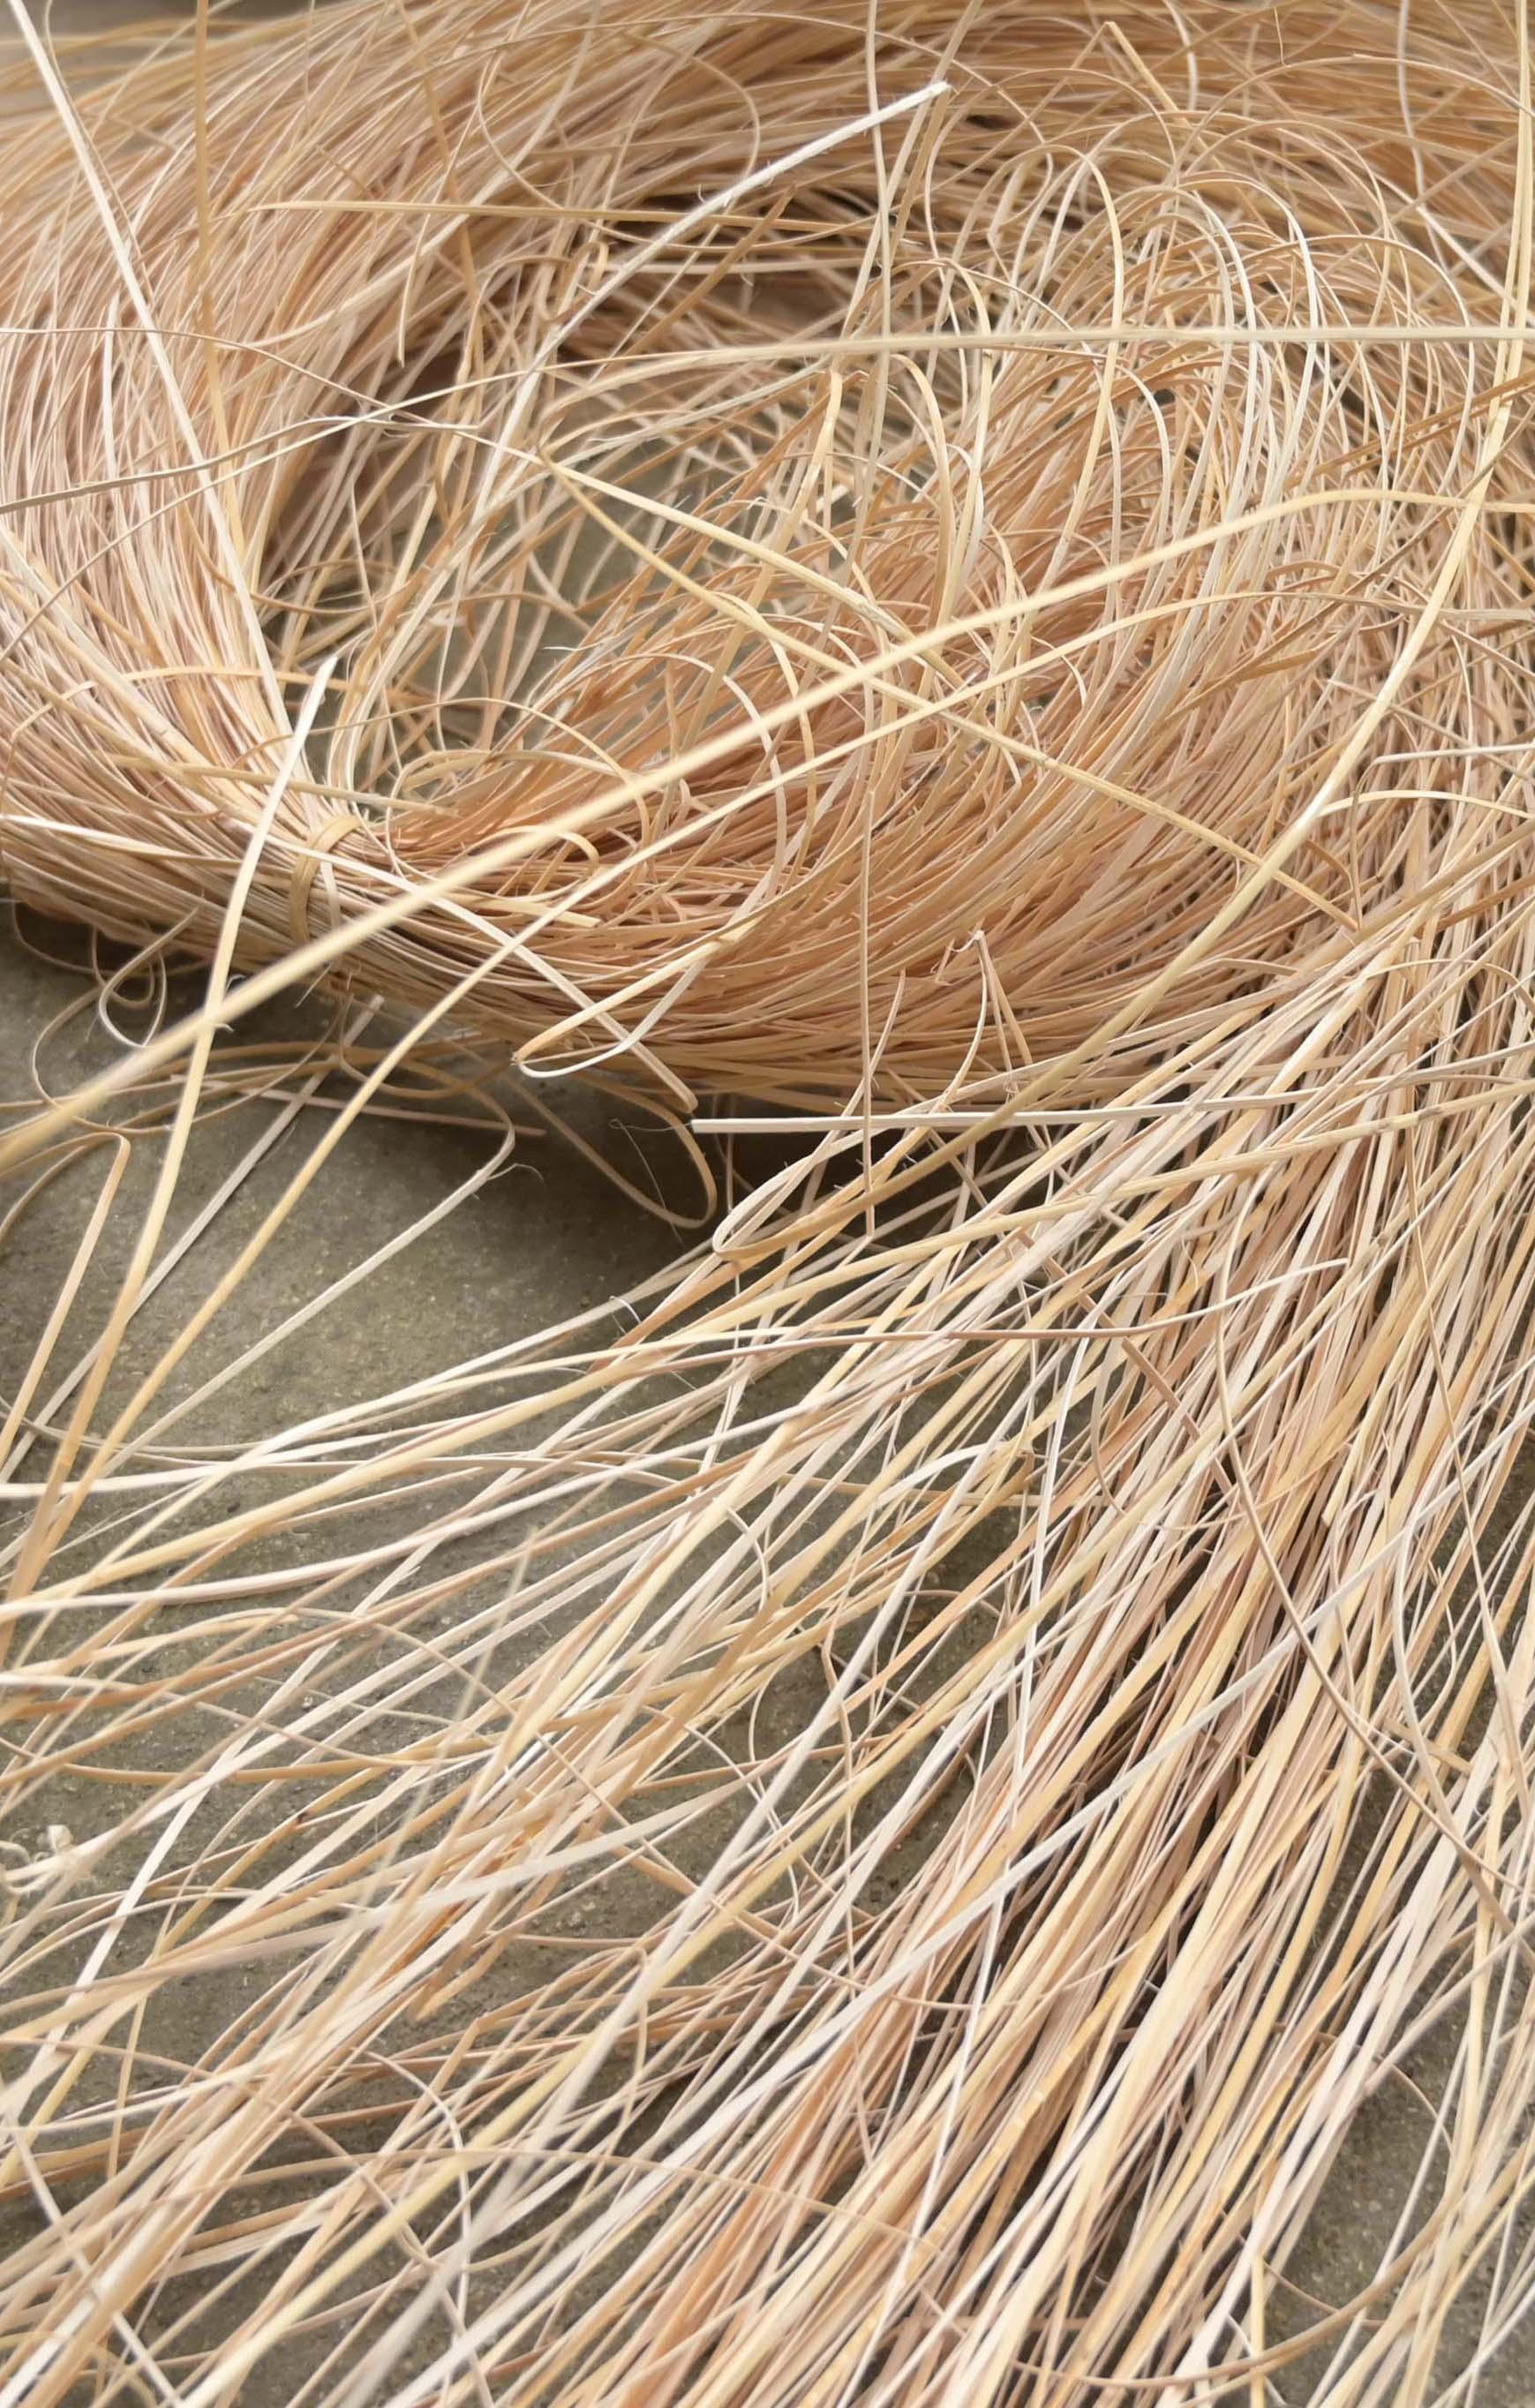 rattan for weaving